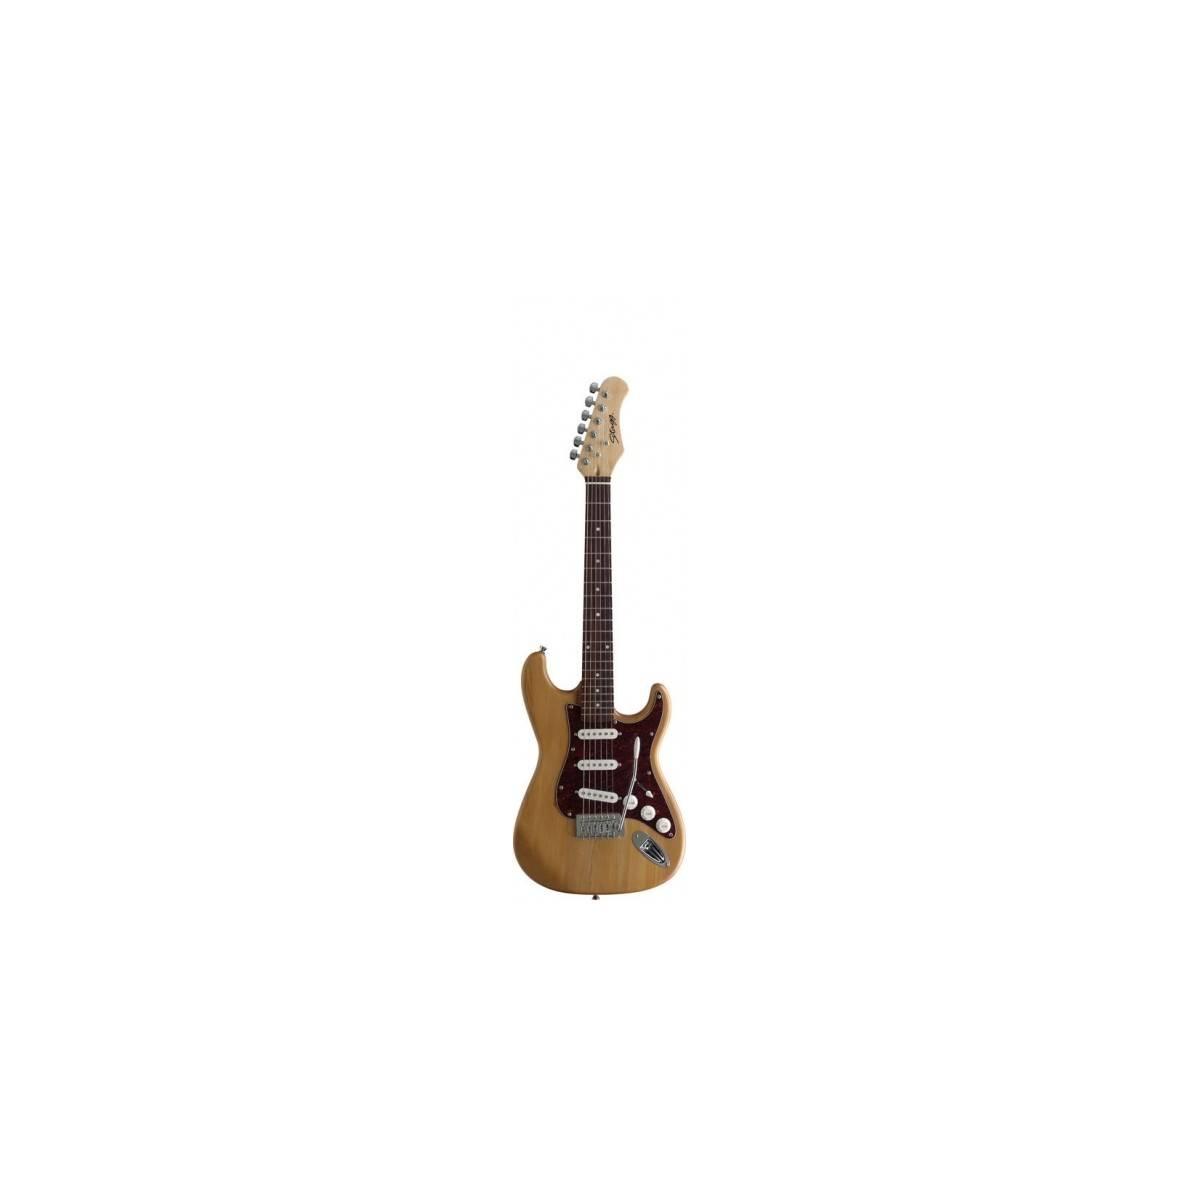 guitare electrique 3 4 s300 bois naturel neuf. Black Bedroom Furniture Sets. Home Design Ideas